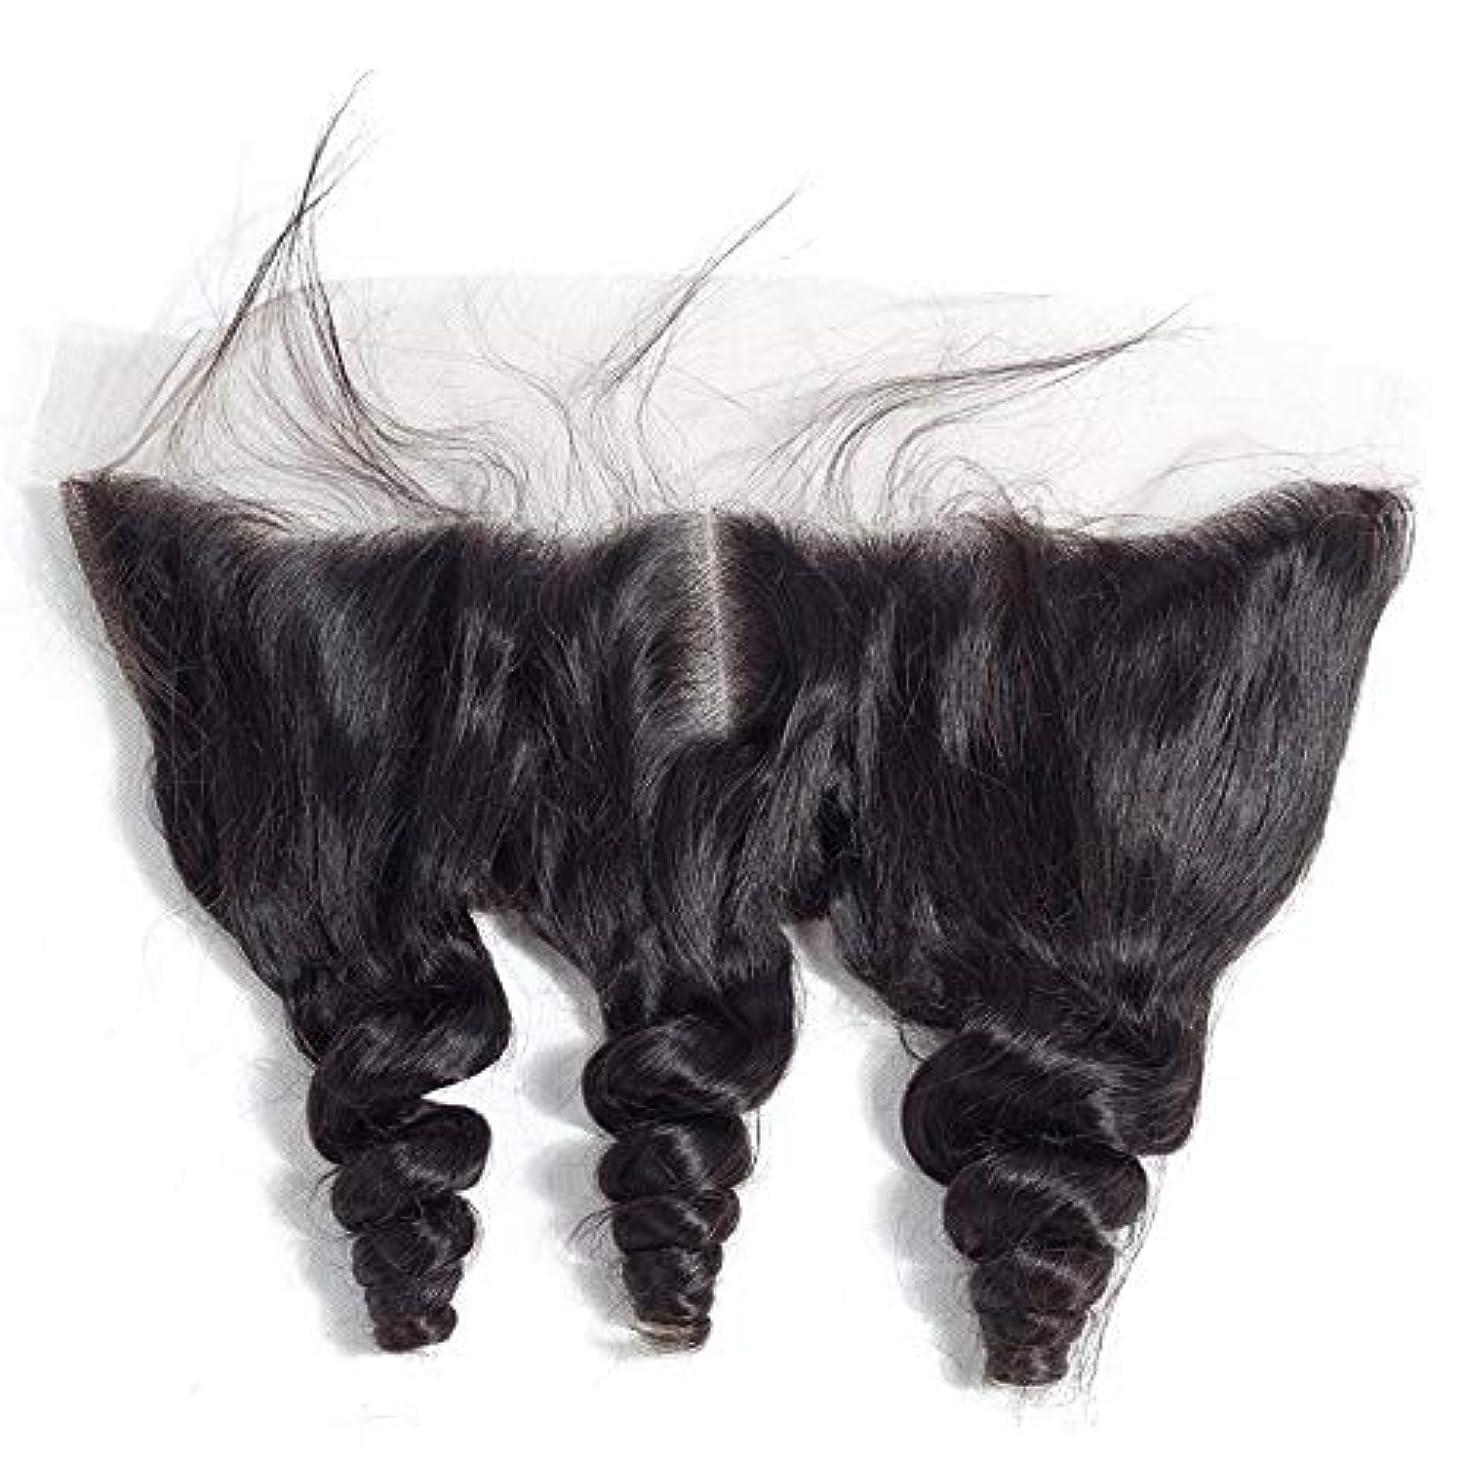 ファーザーファージュフロンティア一WASAIO ヘアエクステンションクリップ裏地なし髪型ブラジルルーズウェーブ13 * 4レースフロンタル閉鎖横隔膜パート人間 (色 : 黒, サイズ : 8 inch)